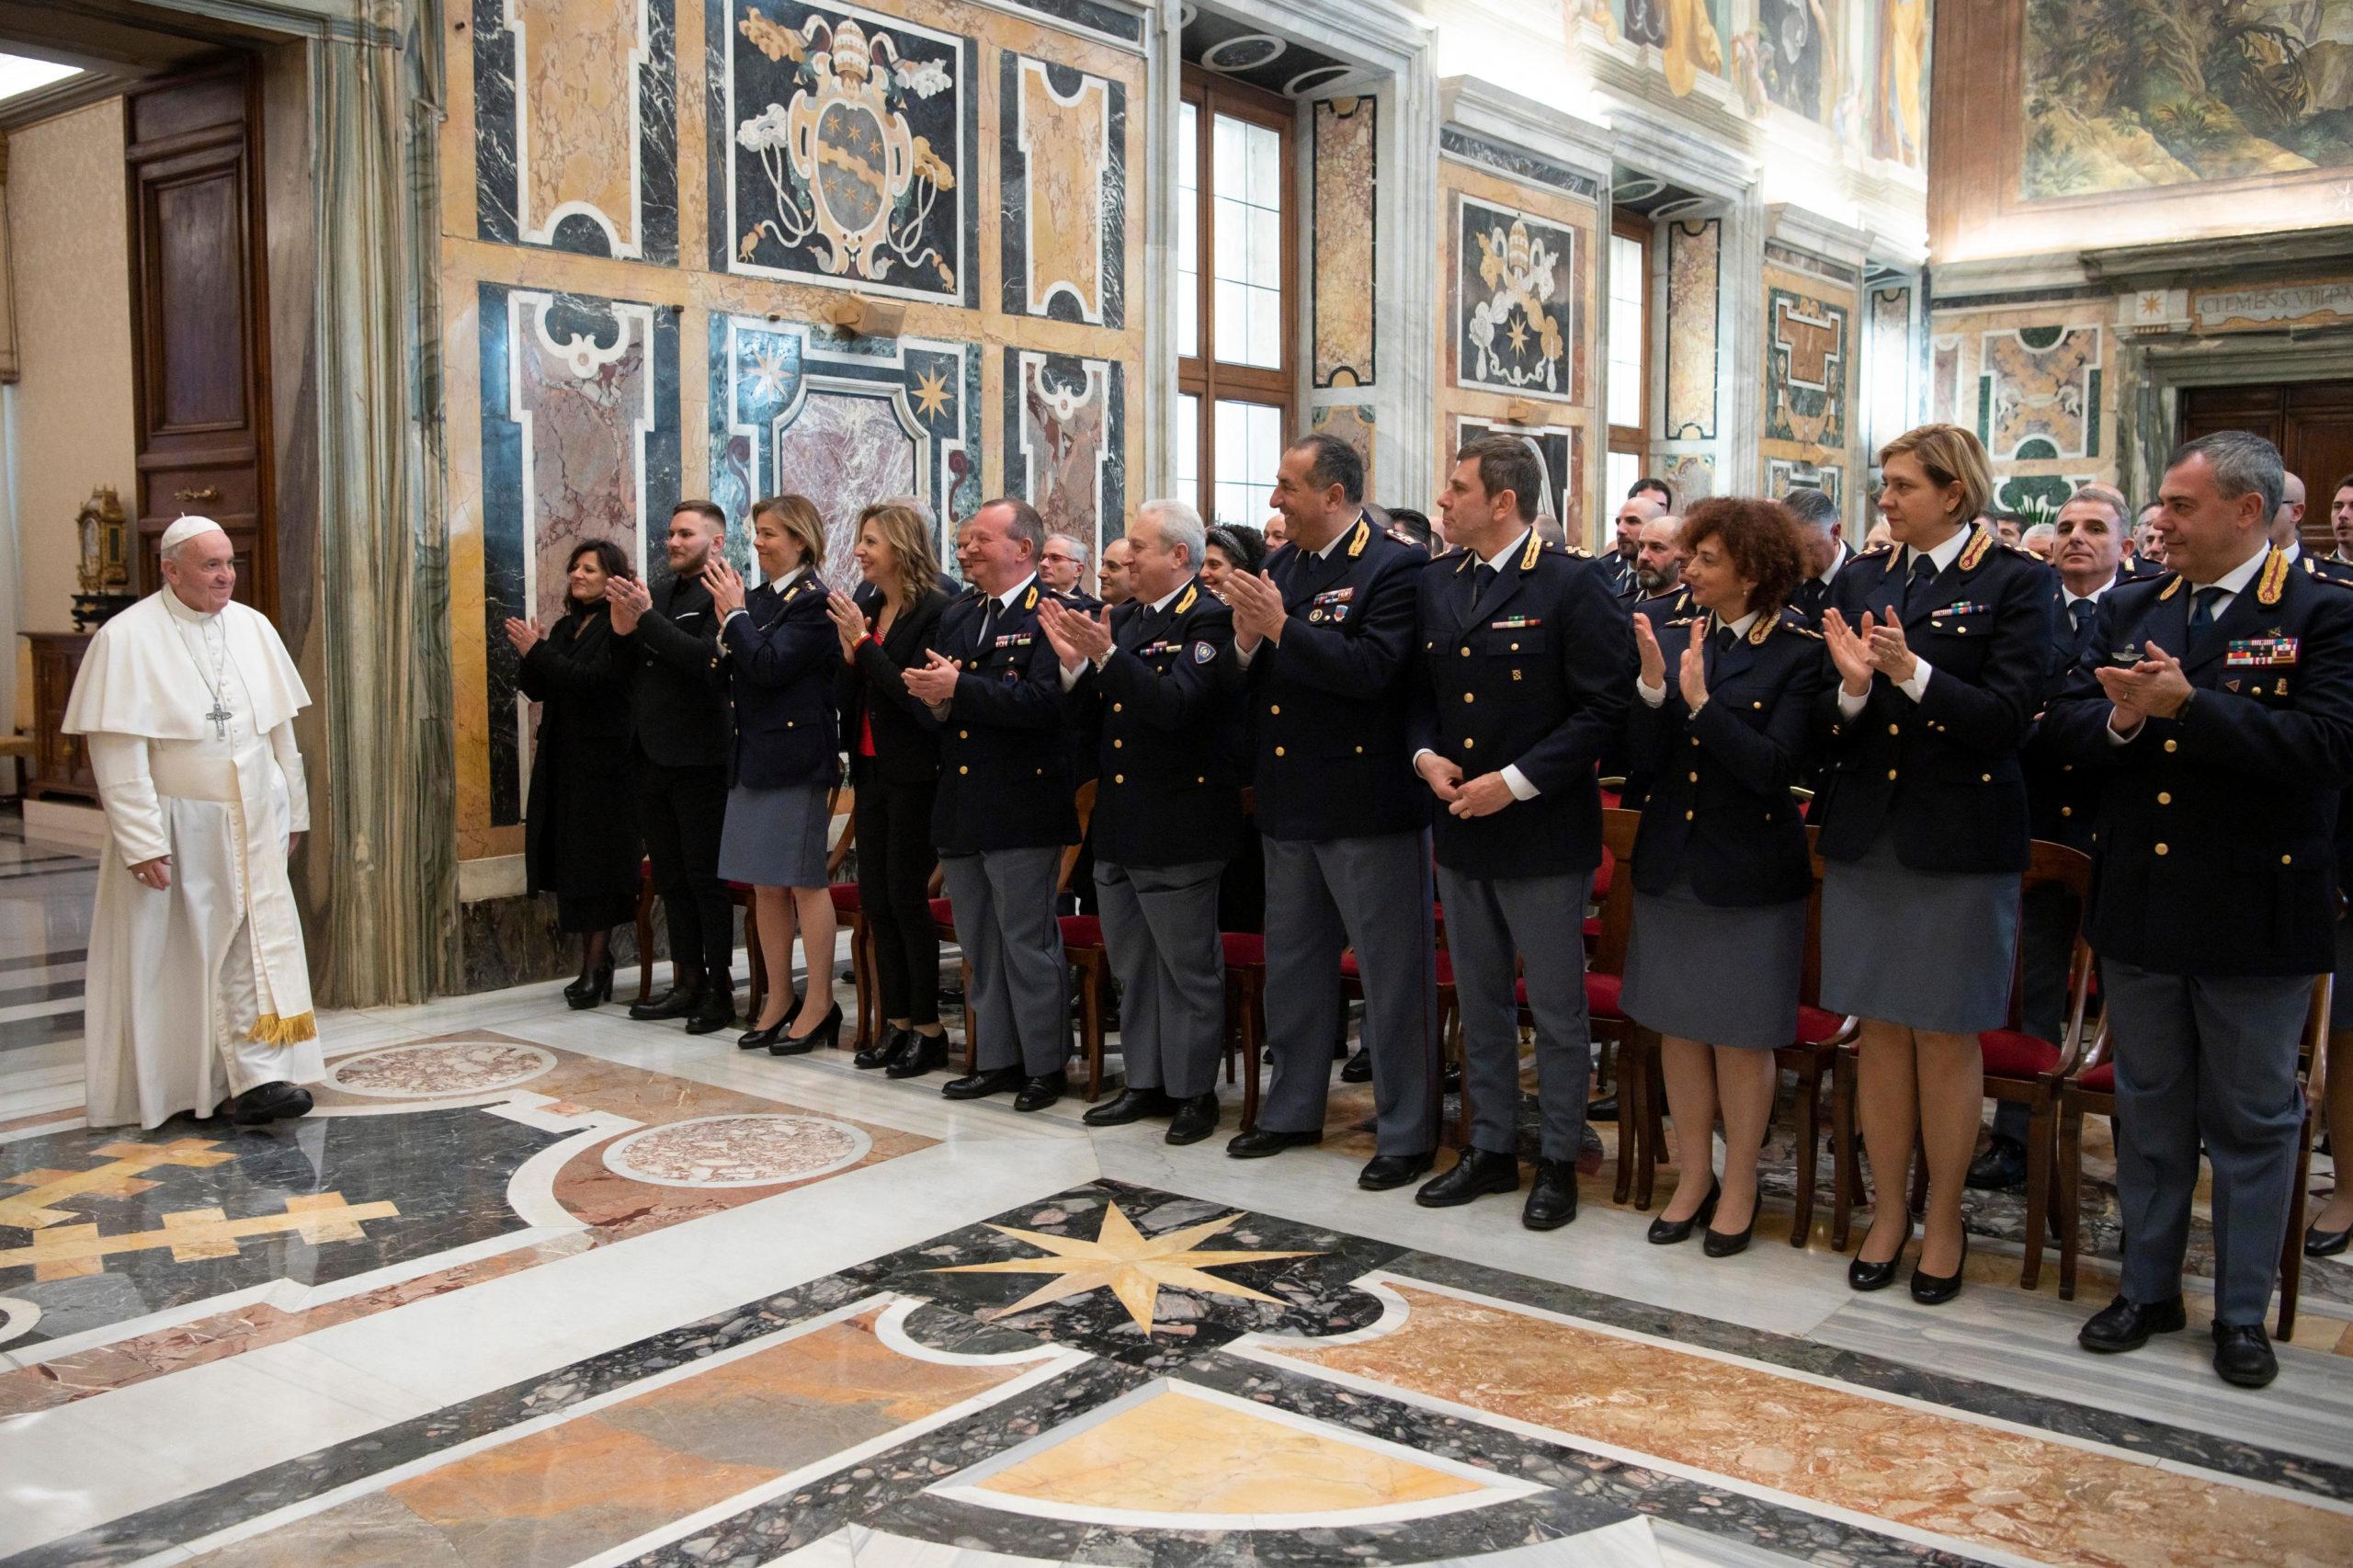 Sécurité : le pape remercie la Police italienne pour son attention et sa discrétion  Or080220120432_0178-scaled